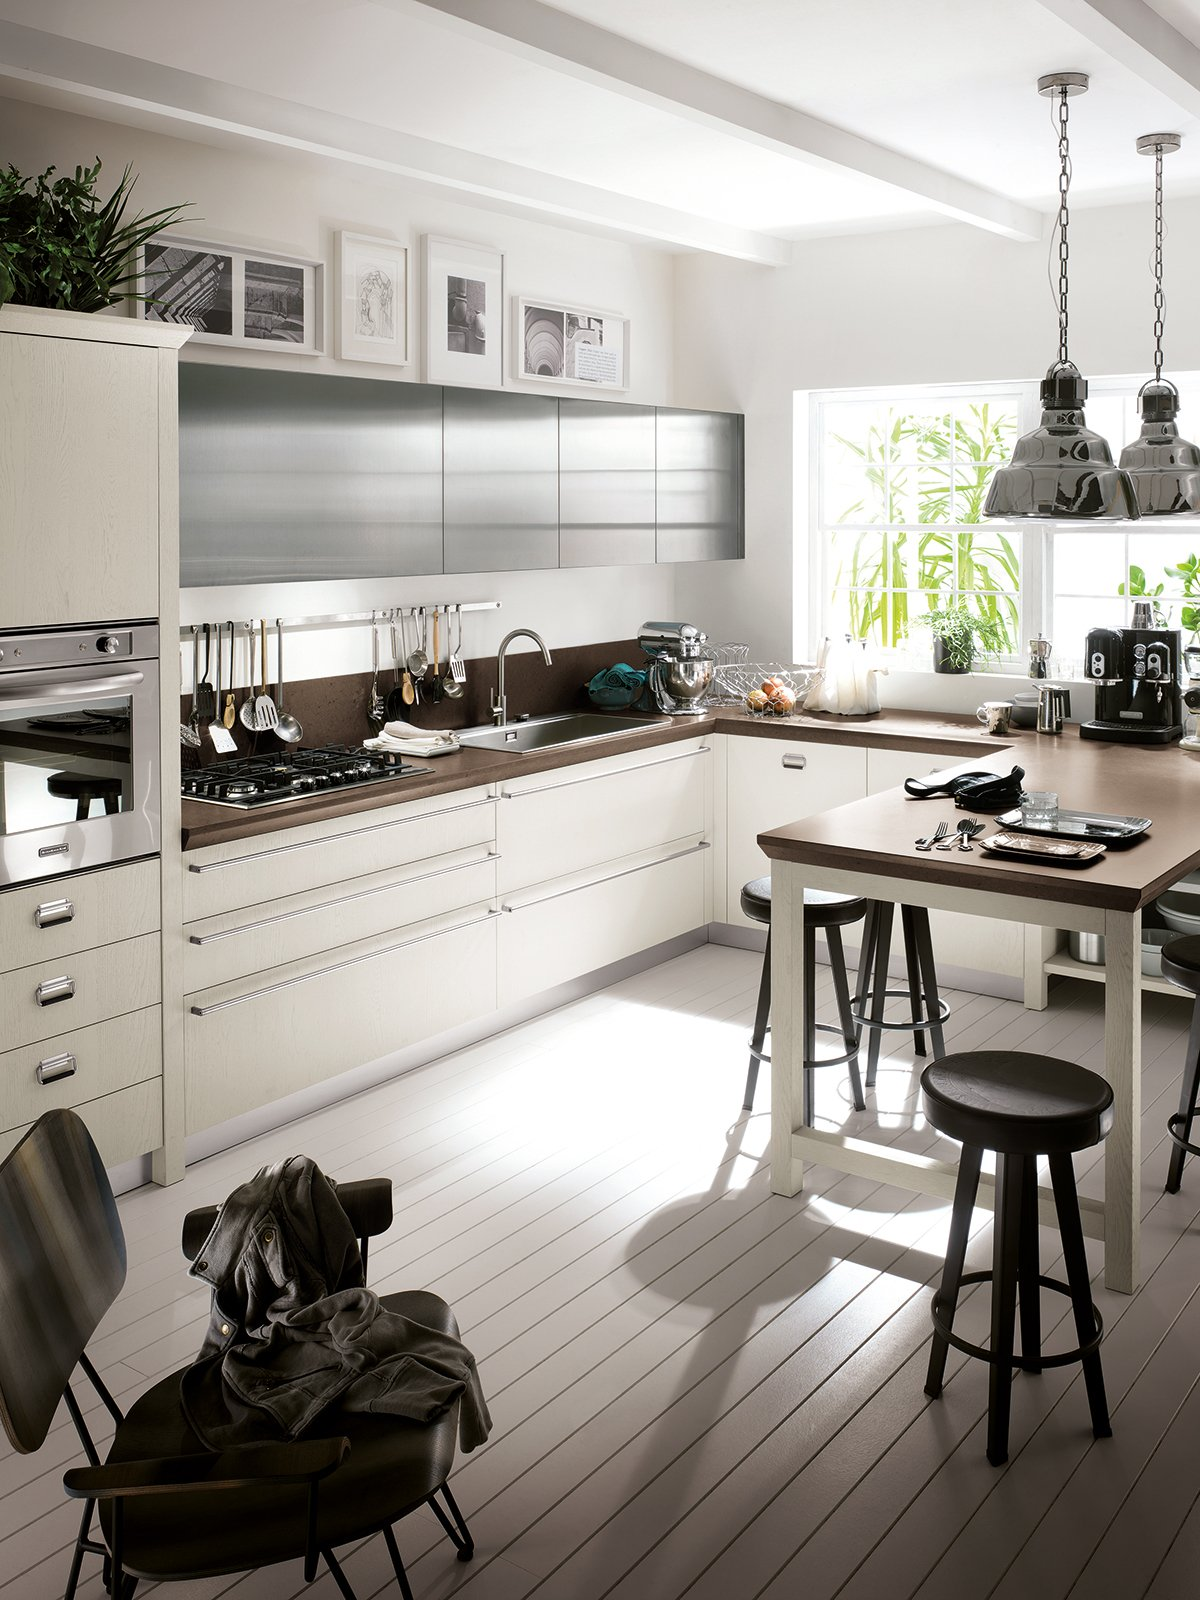 Idee cucina moderna ad angolo con penisola - Cucine all americana ...